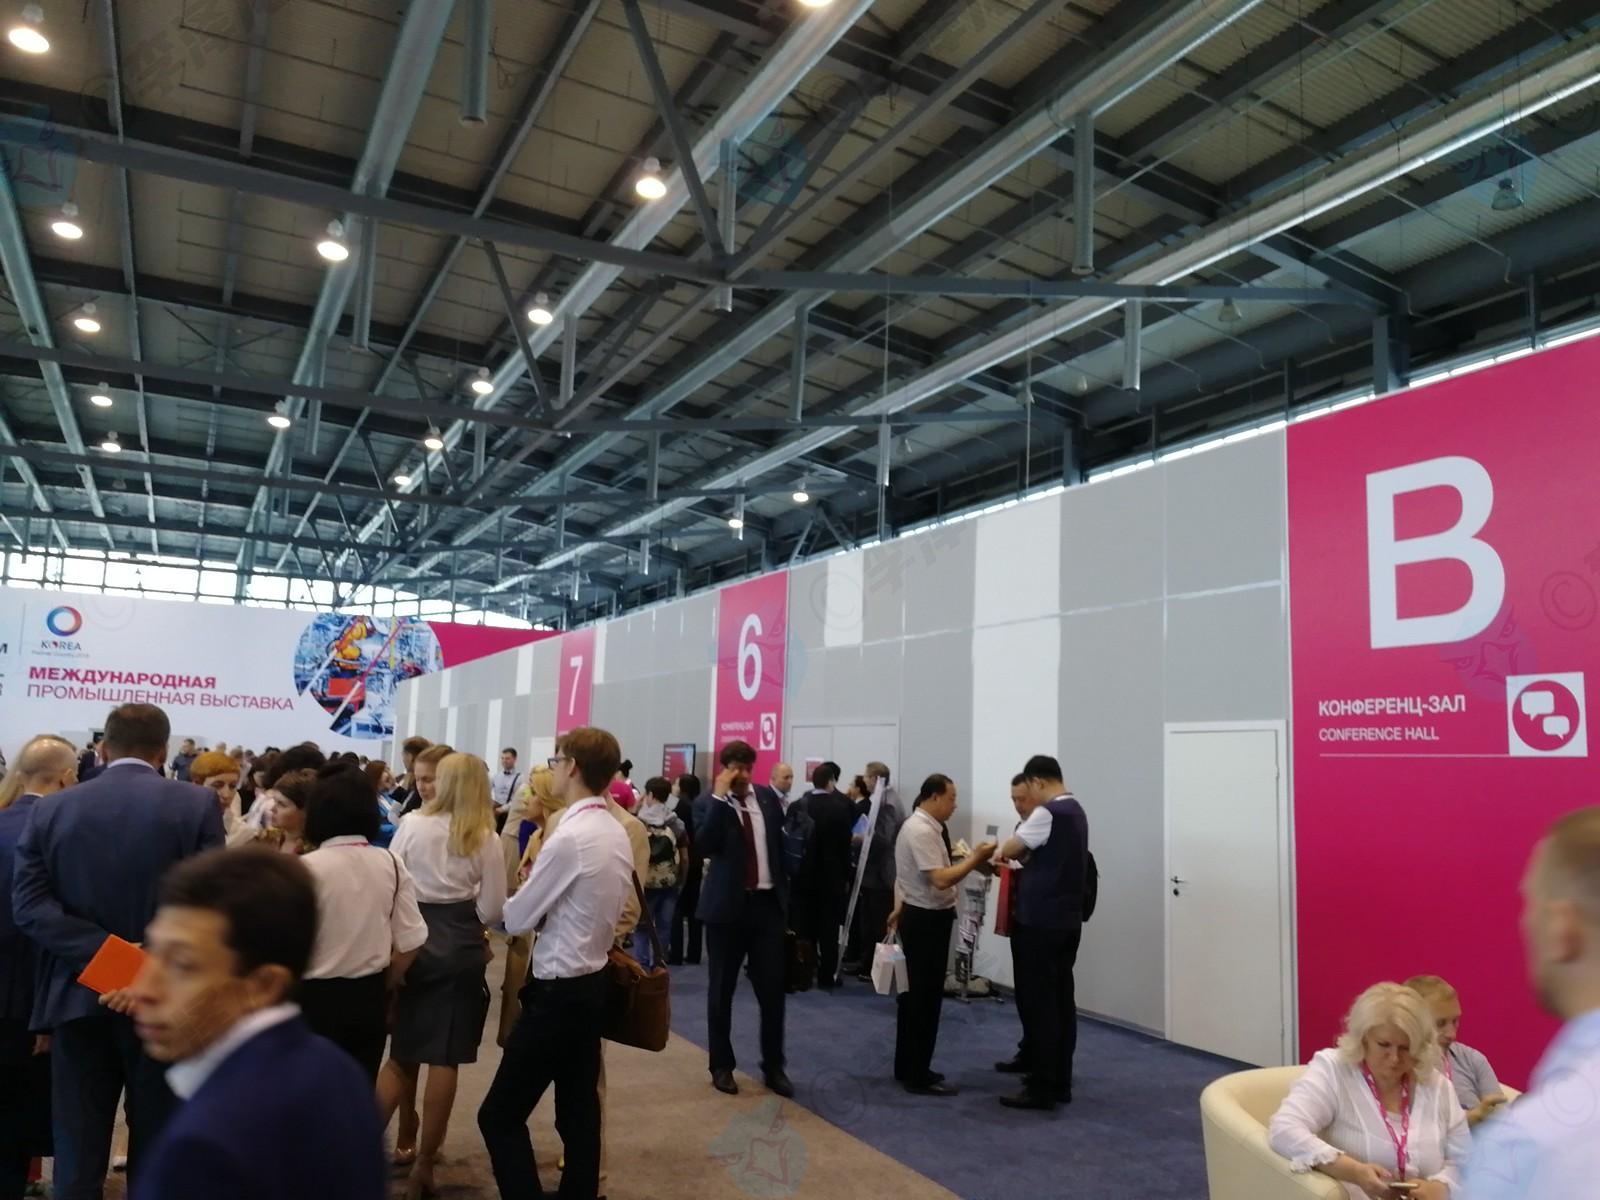 参加俄罗斯工业博览会(俄罗斯创新工业展)是什么体验?插图32-小狮座俄罗斯留学